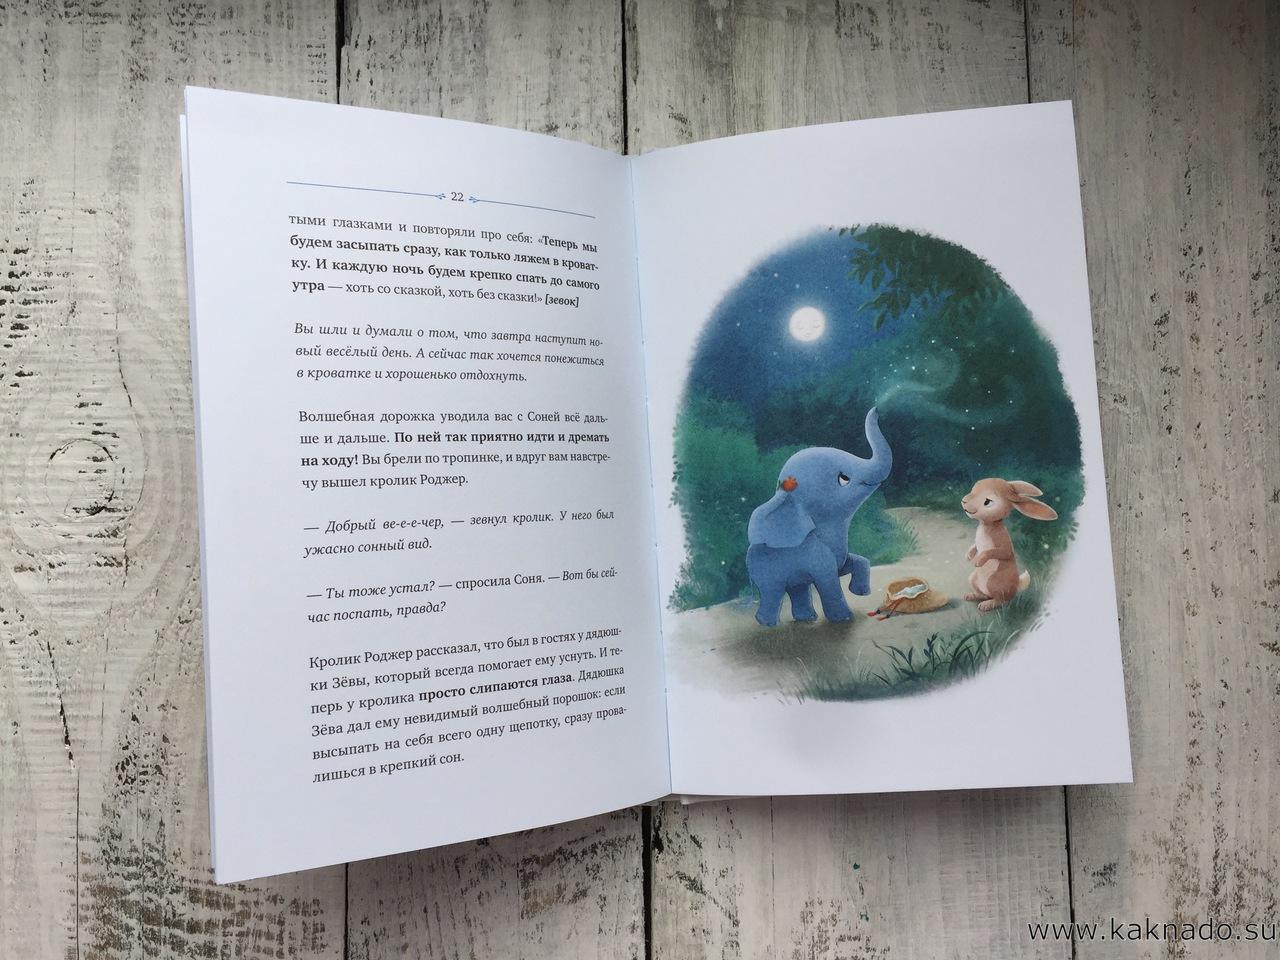 Слоненок, который хочет уснуть (4)